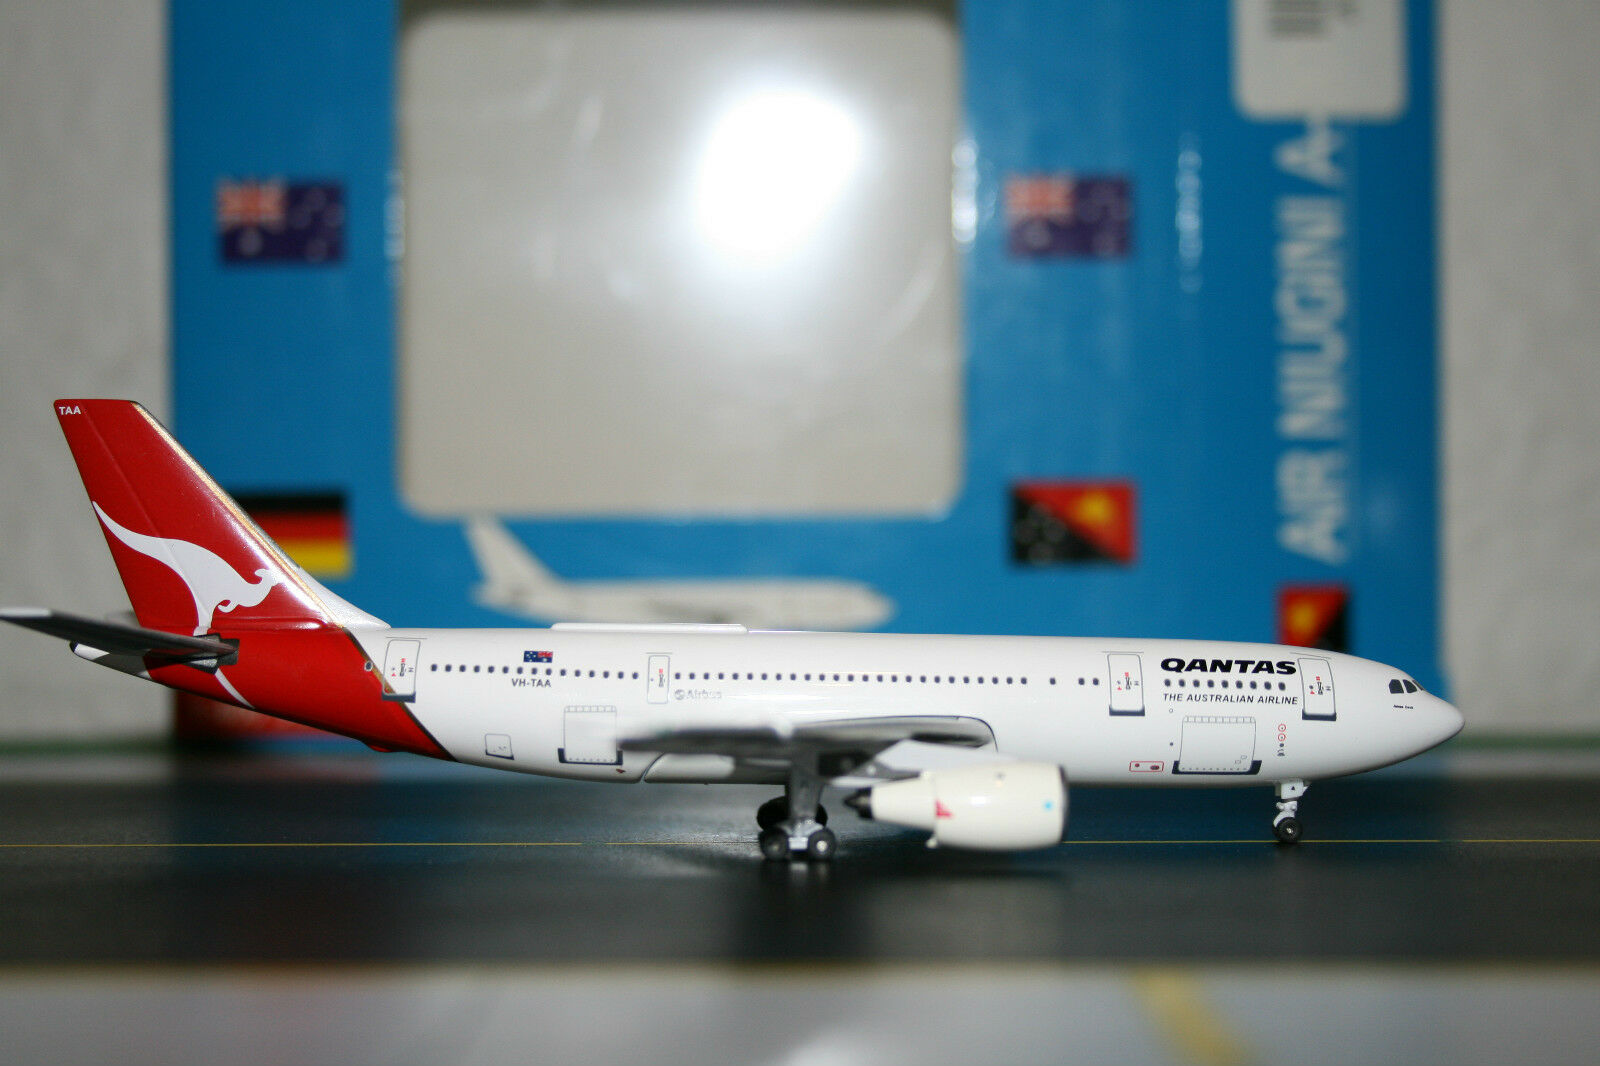 Aeroclassics 1 400 Qantas Airbus A300 VH-TAA (acvhtaa) Fundición Modelo de Avión